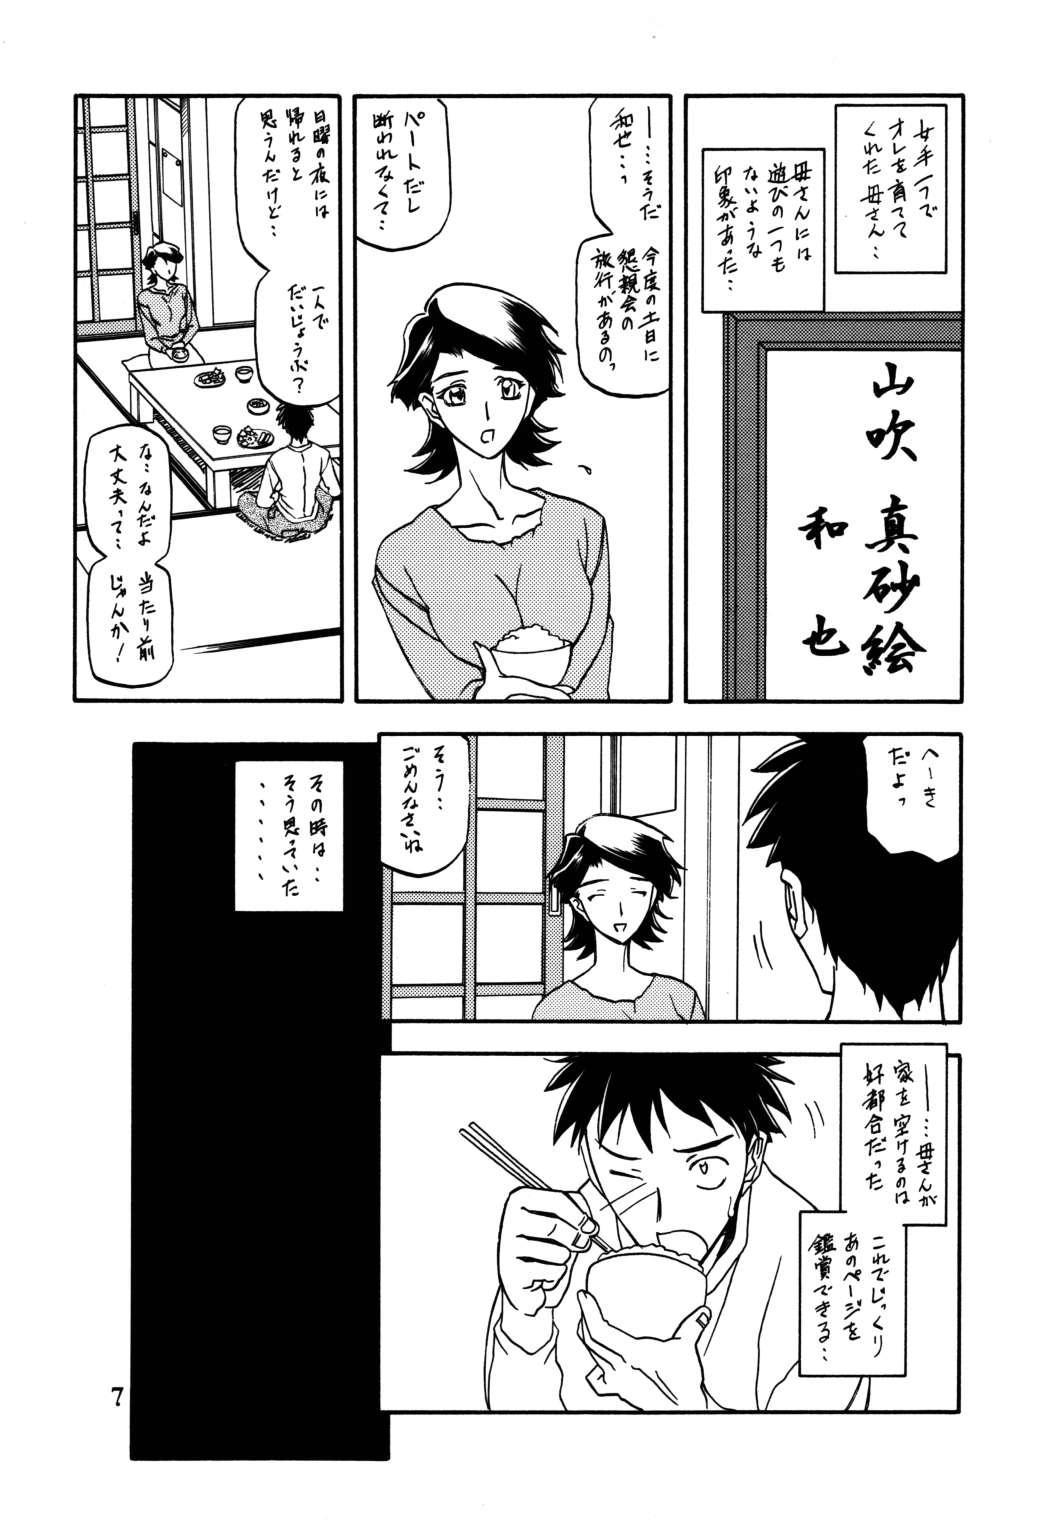 Akebi no Mi - Masae 5